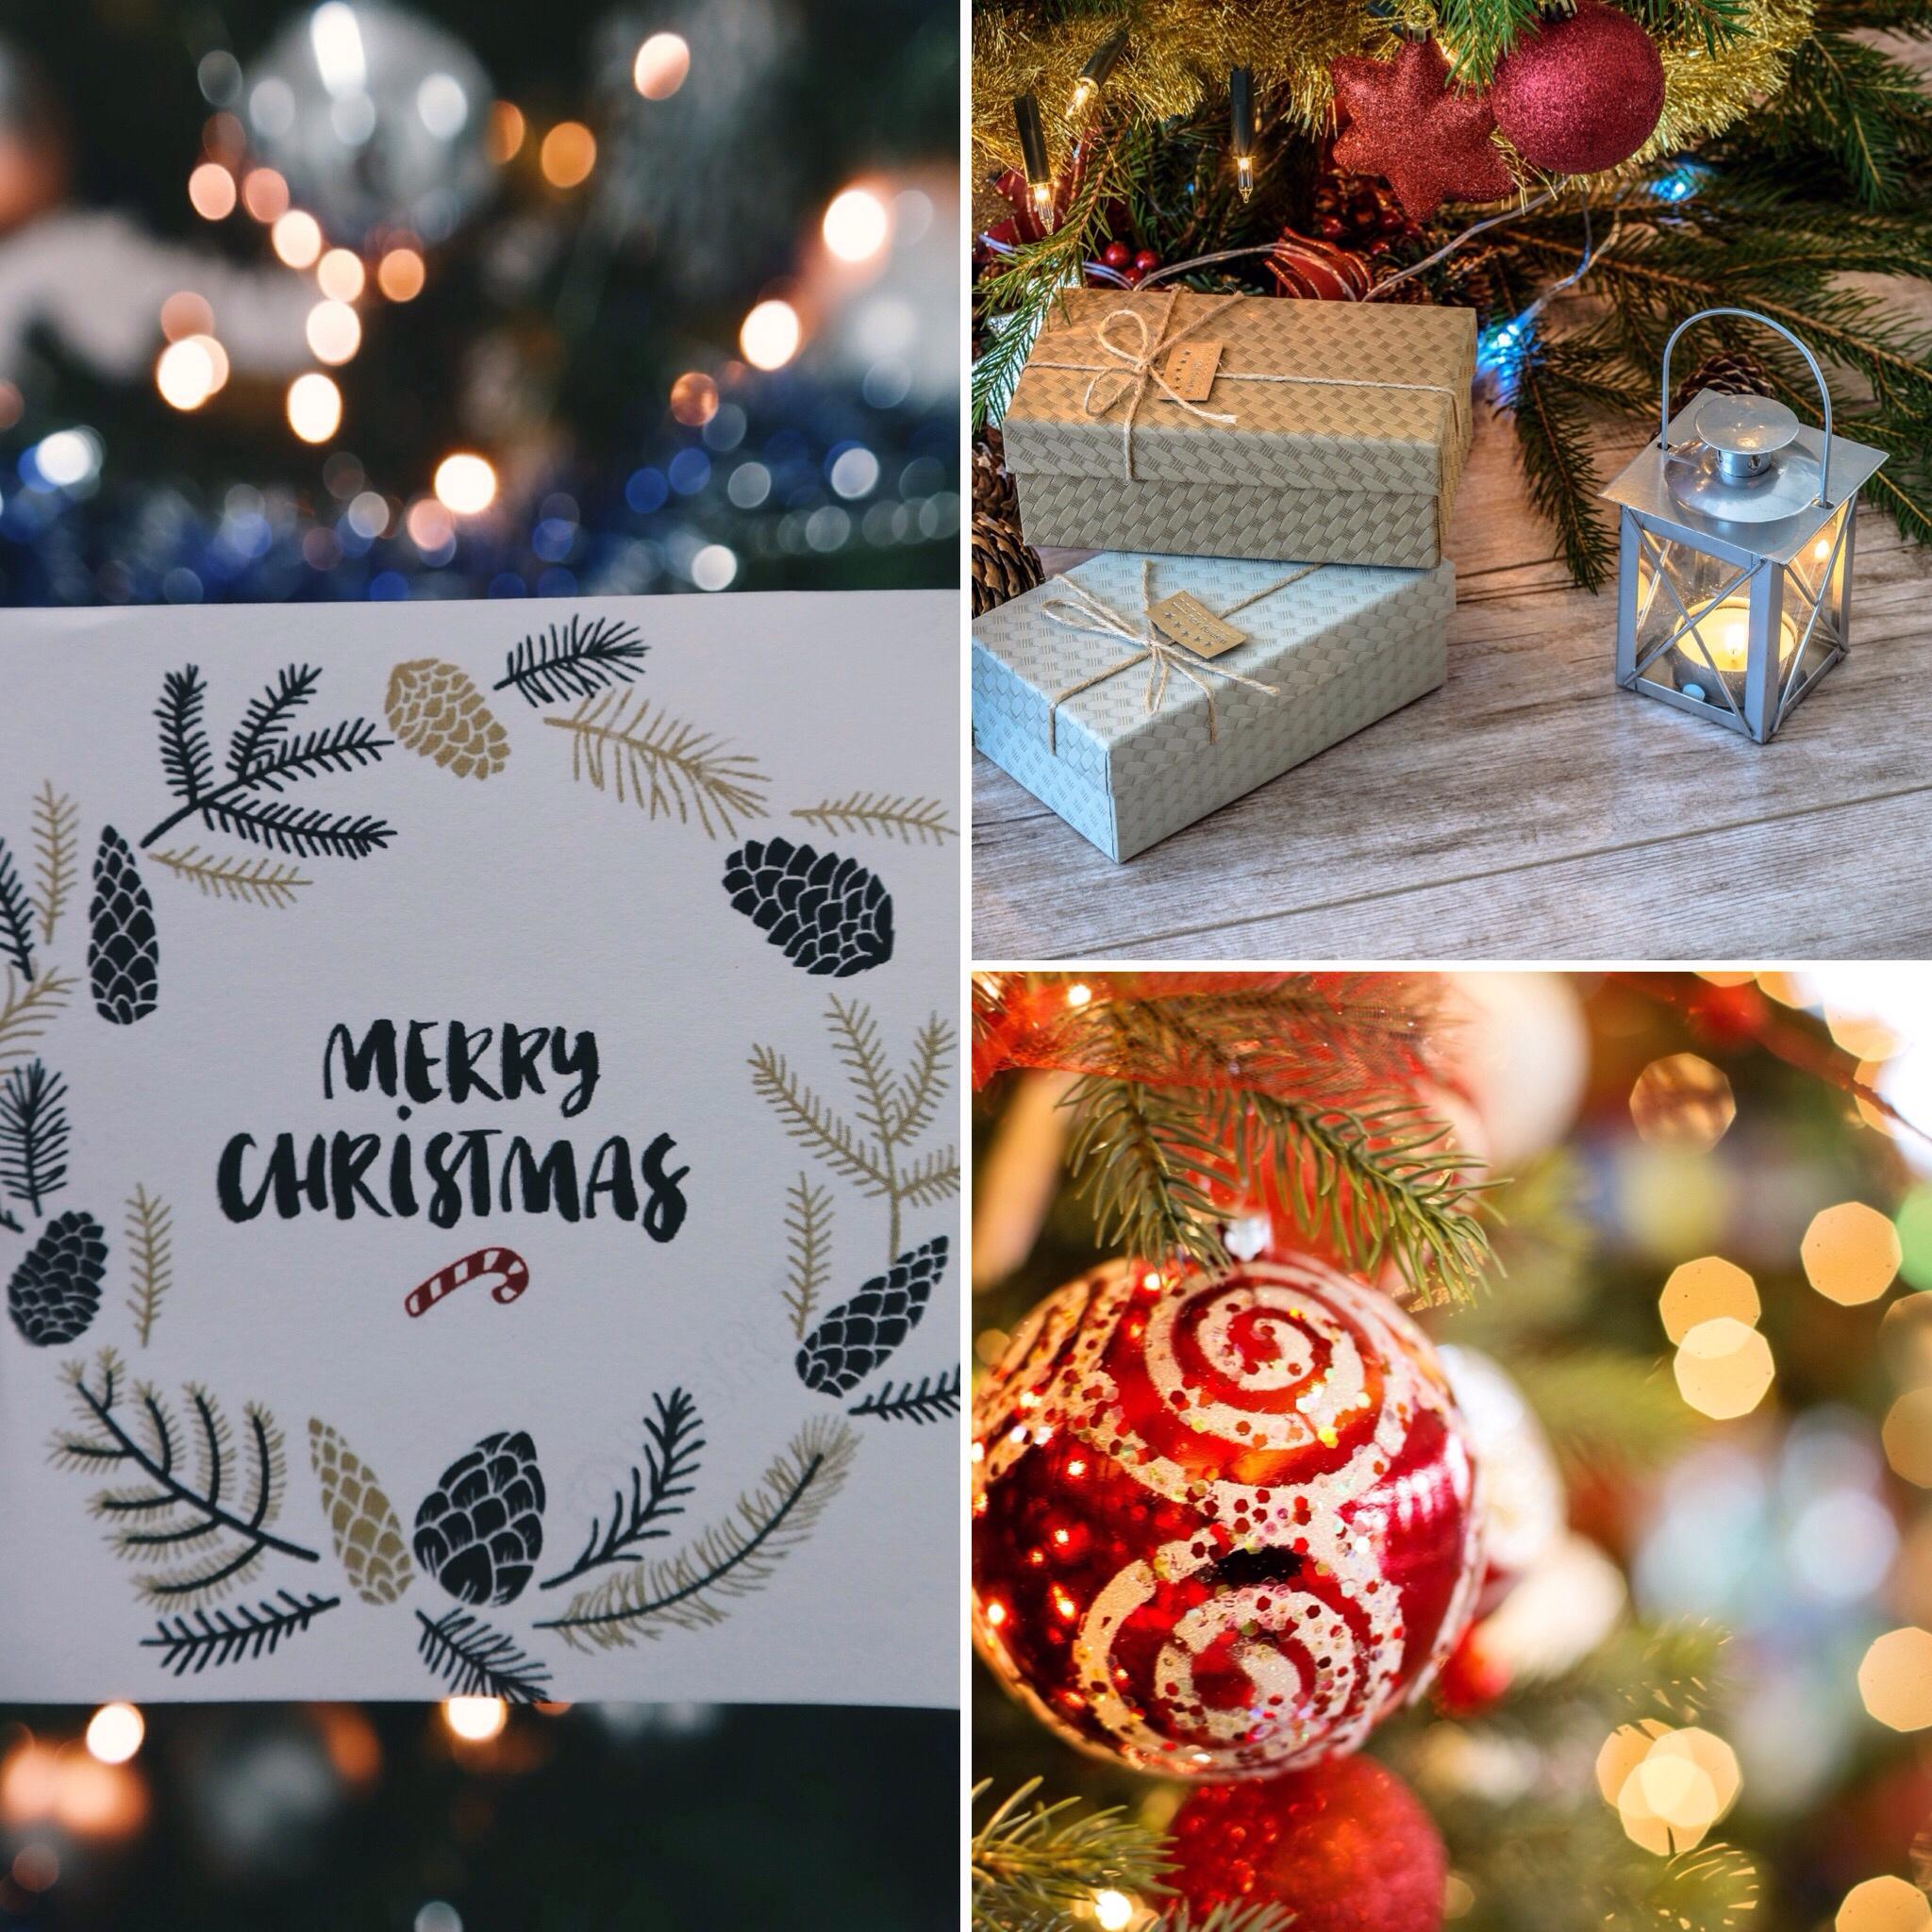 Ein frohes Weihnachtsfest!